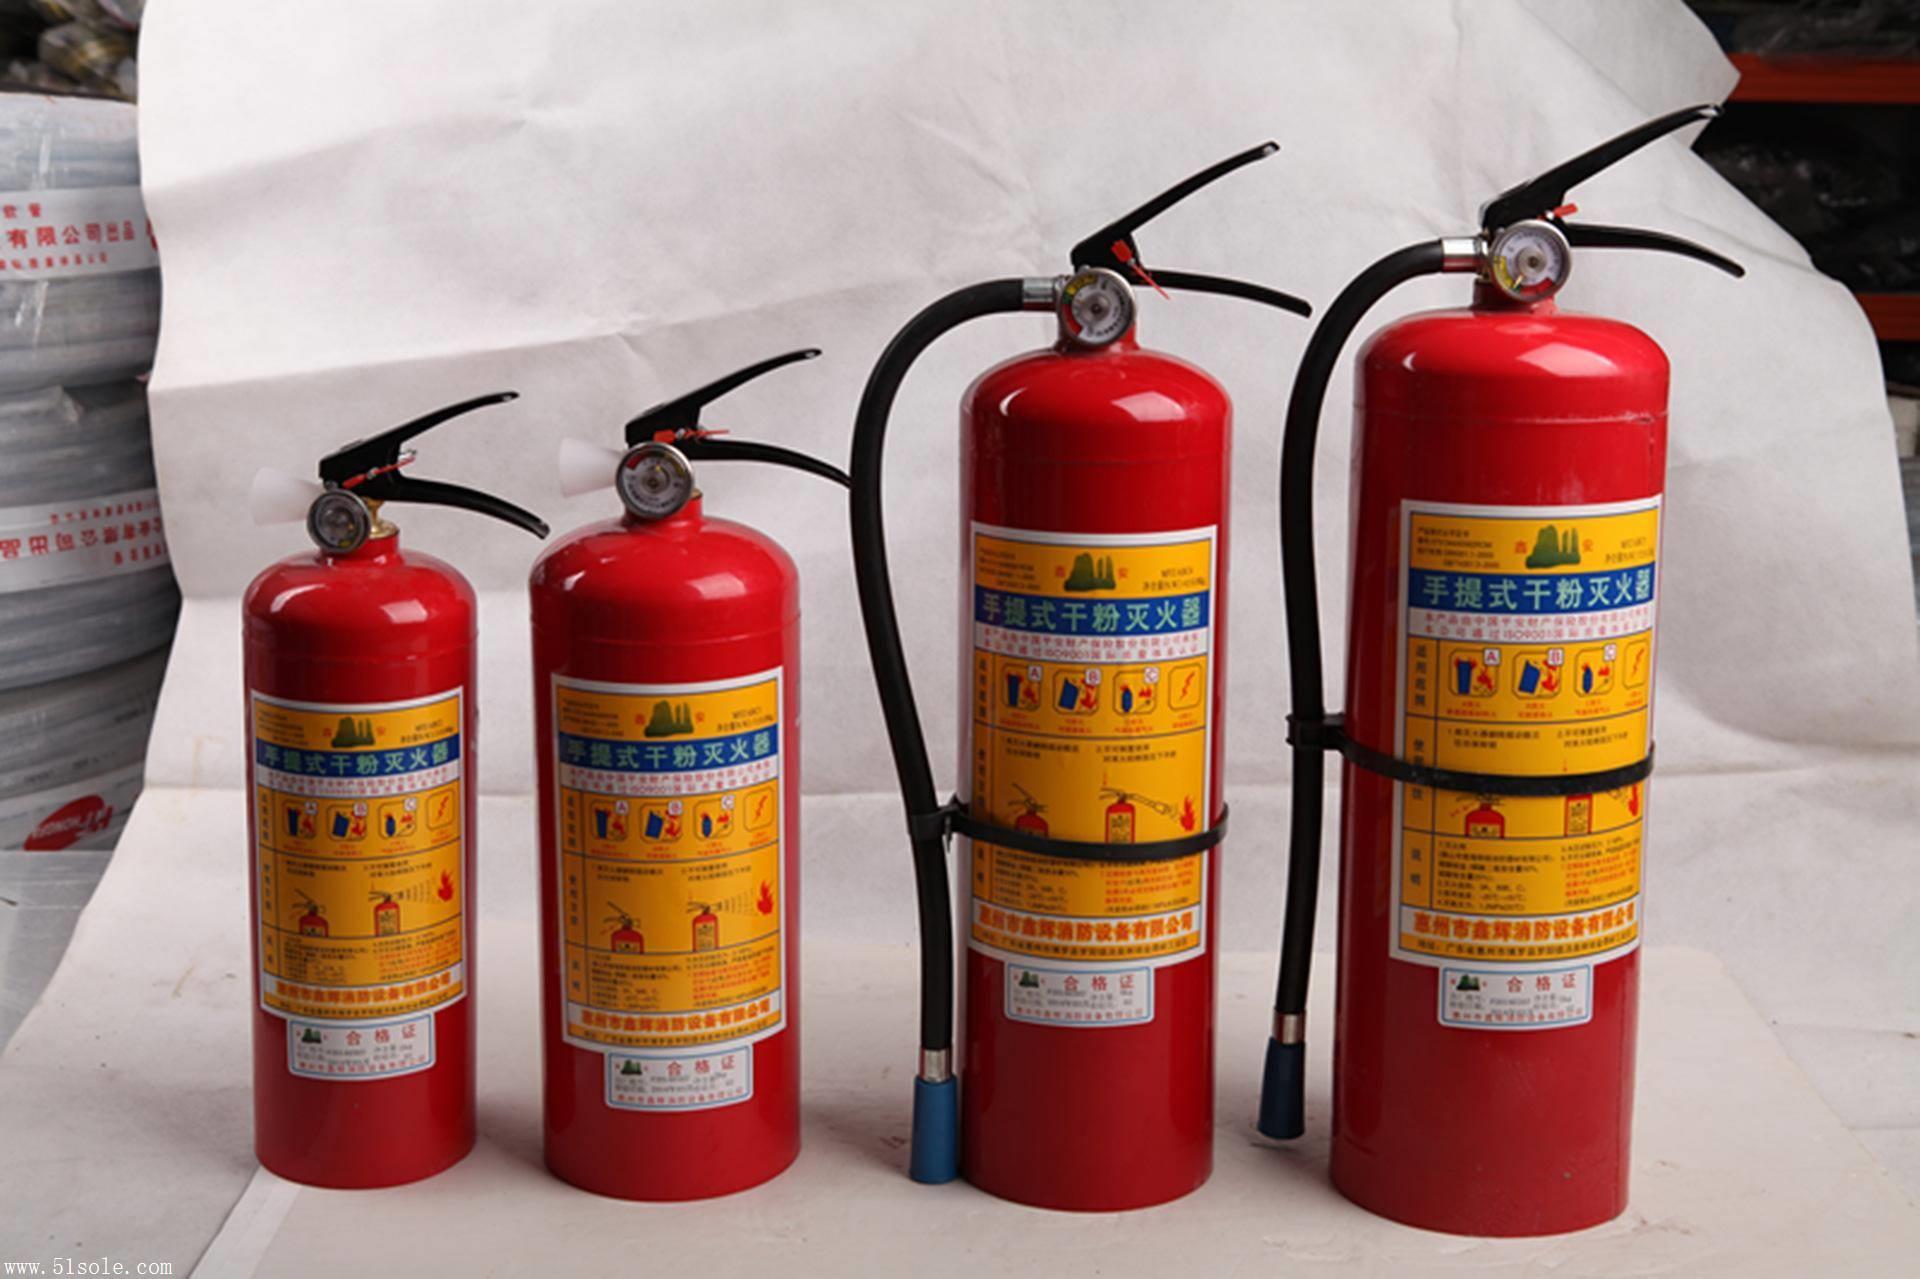 陕西消防设备 陕西消防设备供应 陕西消防设备维保-西安晶鑫